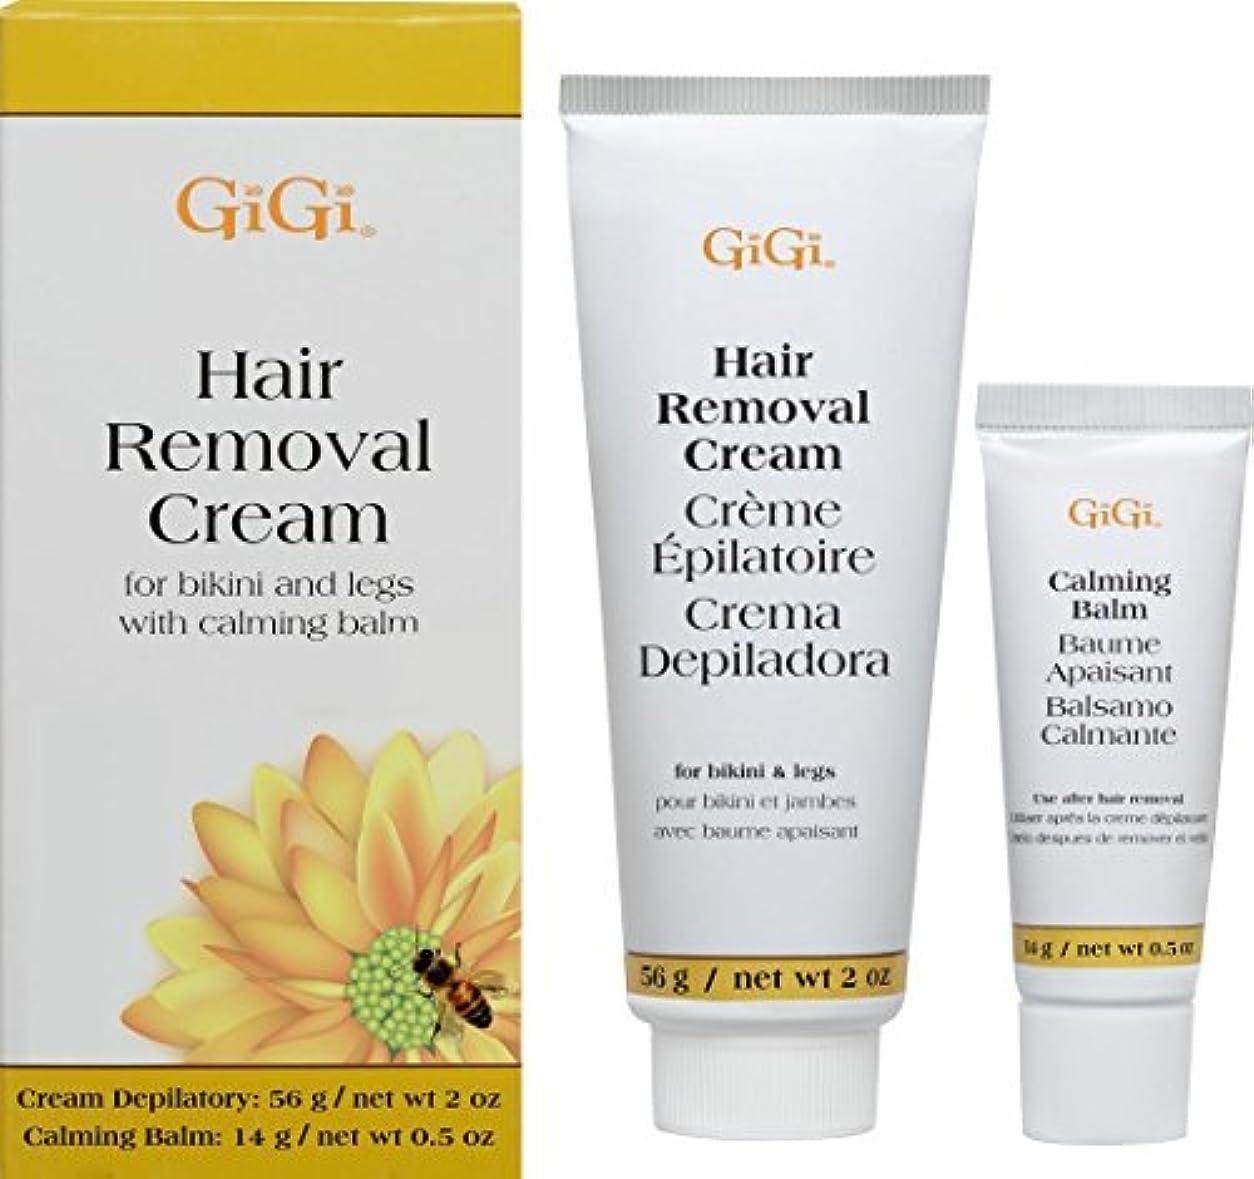 歩行者識別する概要(1) - Gigi Hair Removal Cream W/Balm For Bikini & Legs